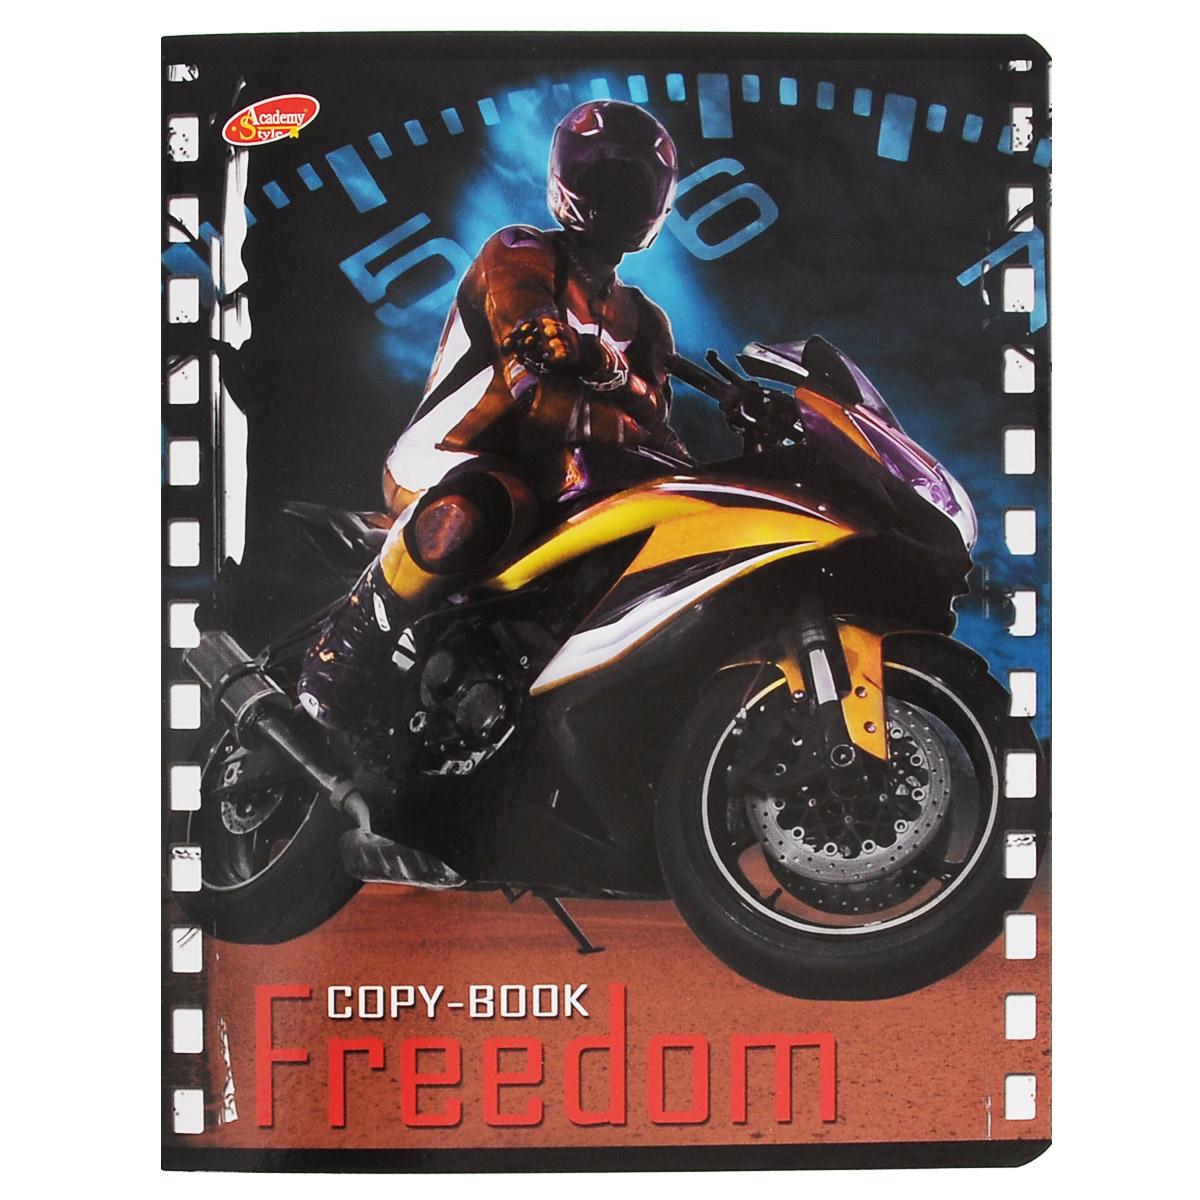 Тетрадь Freedom Мотоцикл, 80 листов, формат А5, цвет: желтый7-96-877Тетрадь в клетку Freedom Мотоцикл с красочным изображением мотоцикла на обложке подойдет как студенту, так и школьнику. Обложка тетради с закругленными углами выполнена из картона. Внутренний блок состоит из 80 листов белой бумаги. Стандартная линовка в клетку дополнена полями, совпадающими с лицевой и оборотной стороны листа.